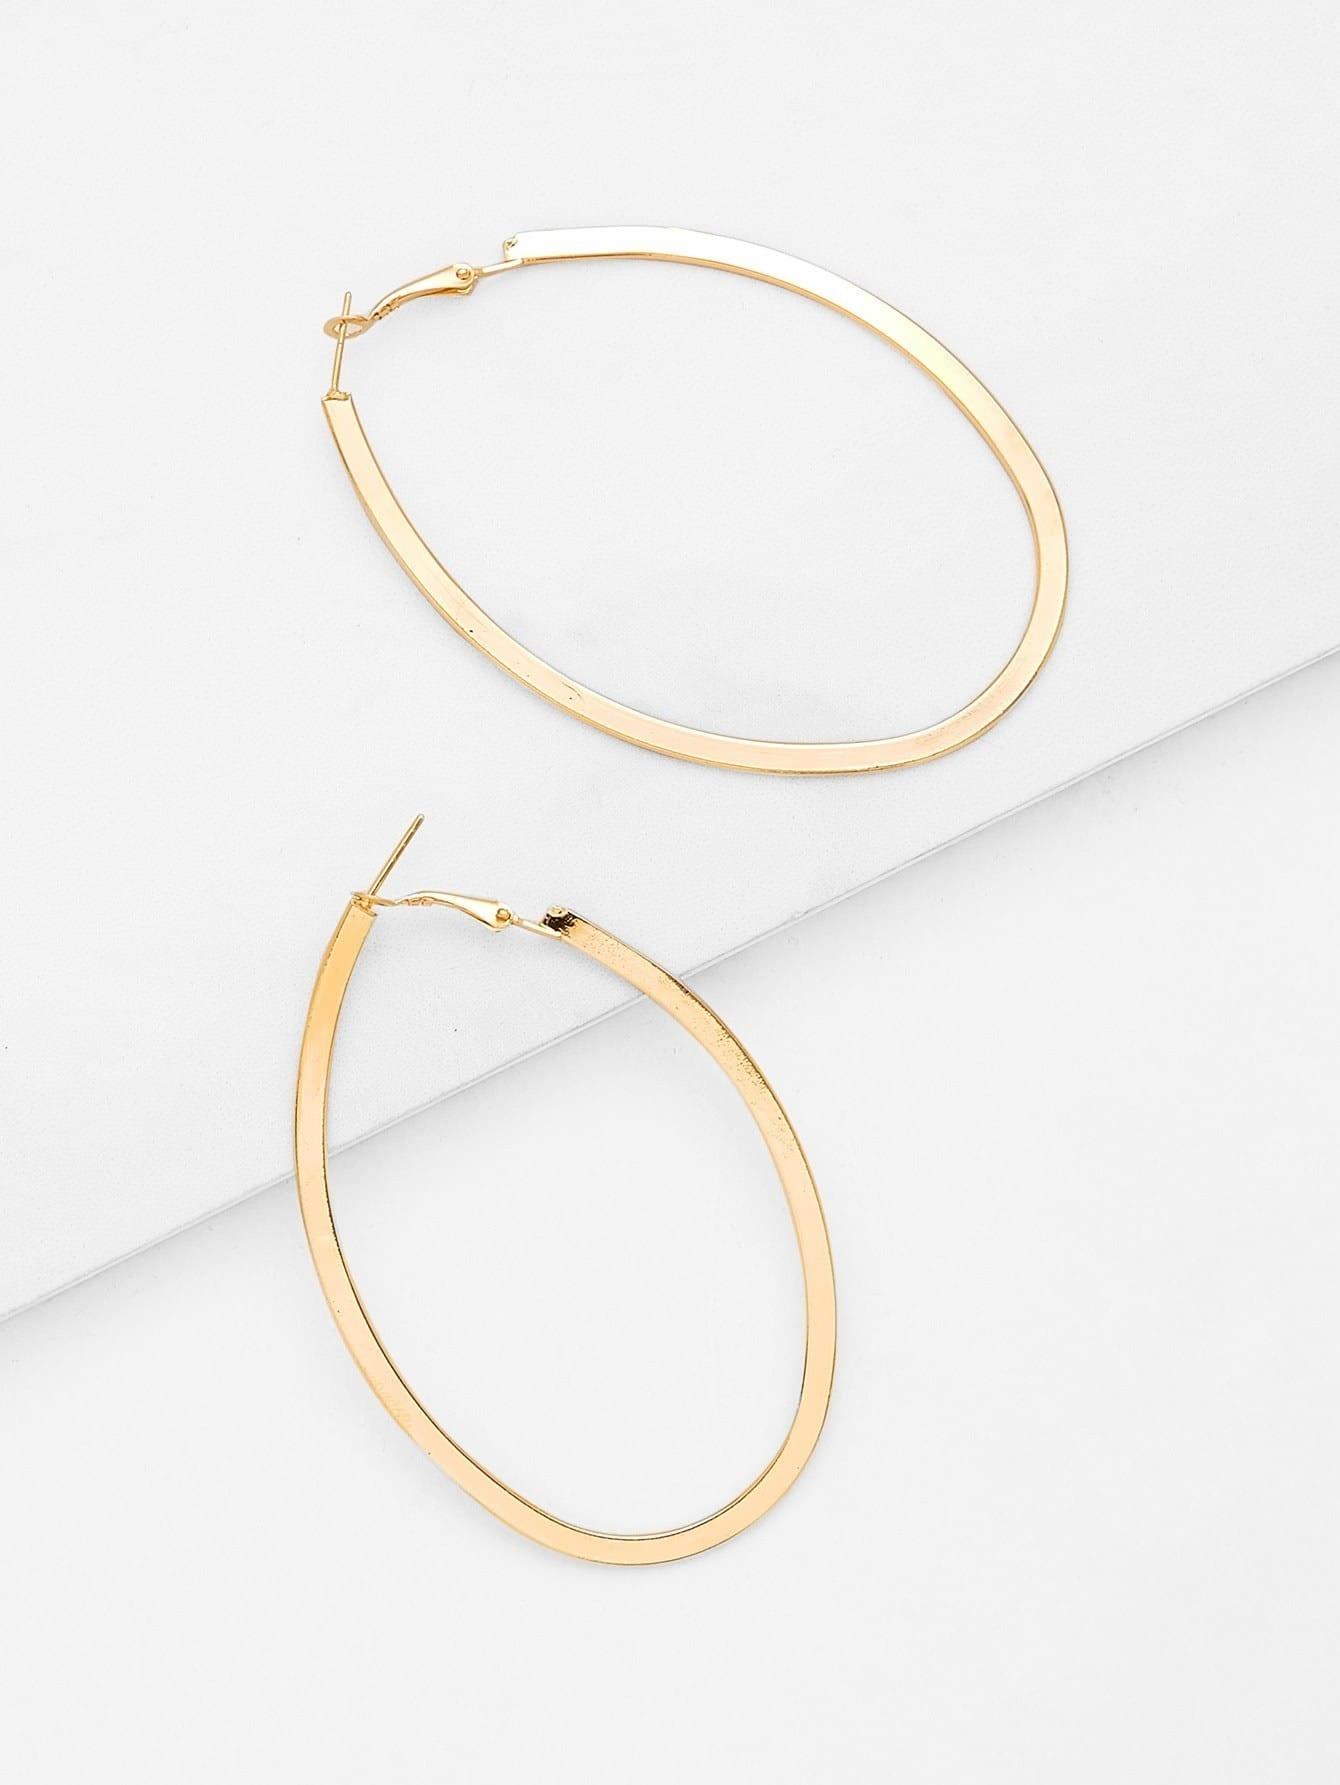 Open Irregular Ring Design Earrings open heart design ring